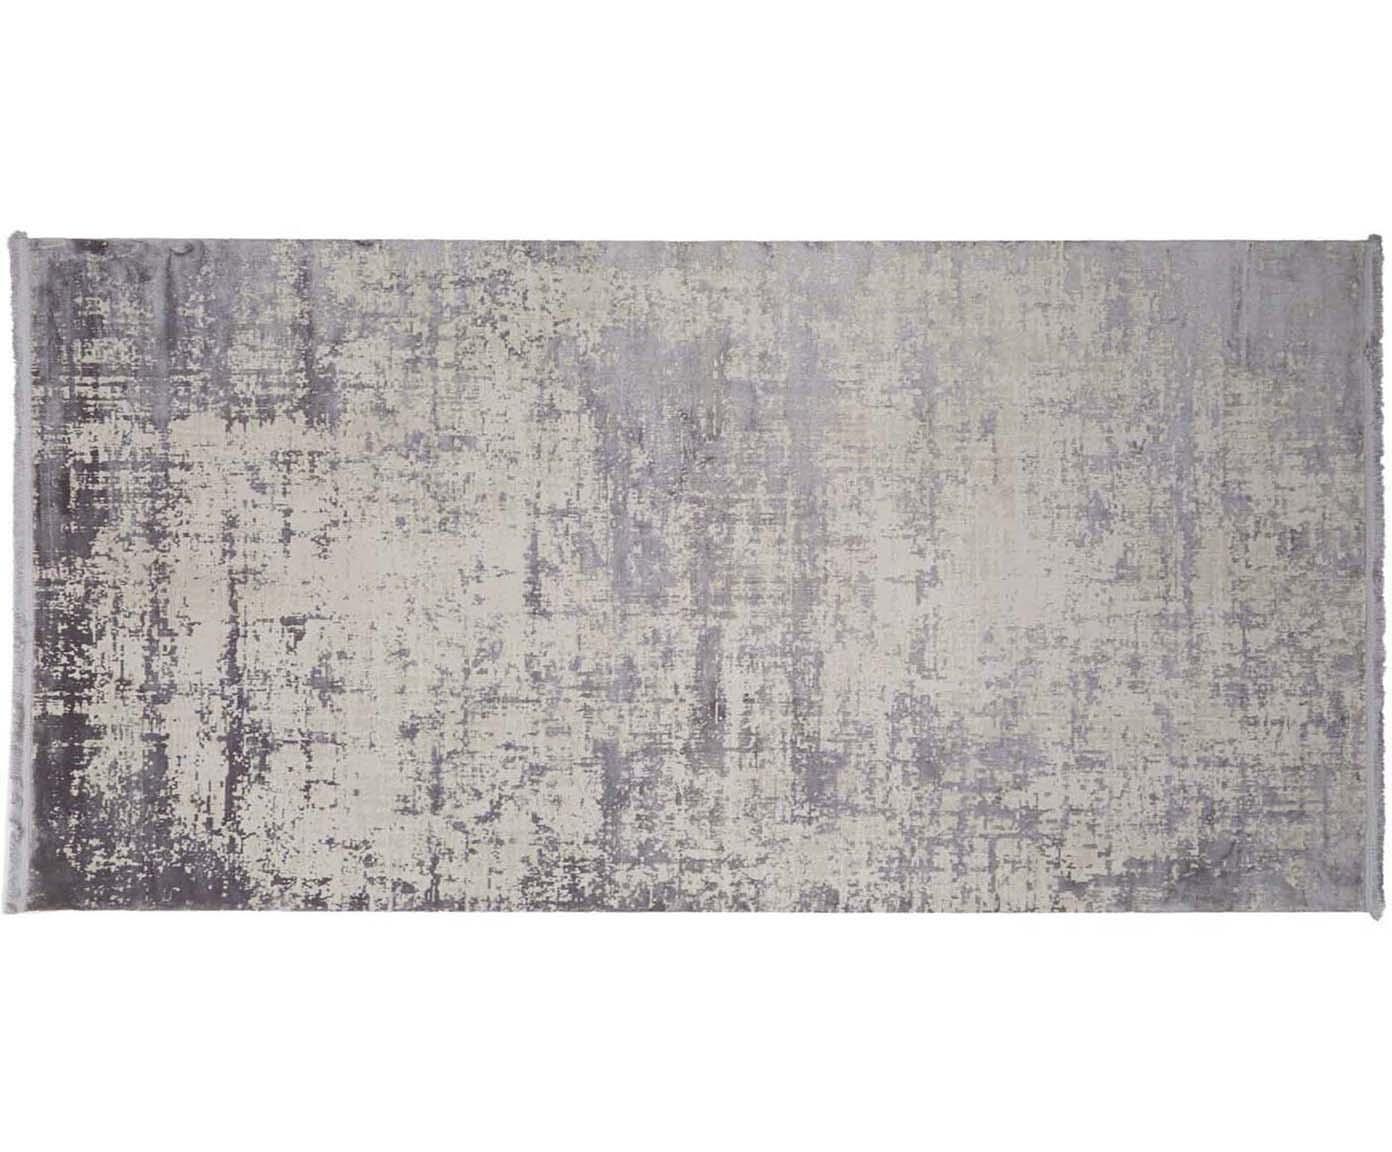 Dywan vintage z frędzlami Cordoba, Szare odcienie z lekkim fioletowym odcieniem, S 130 x D 190 cm